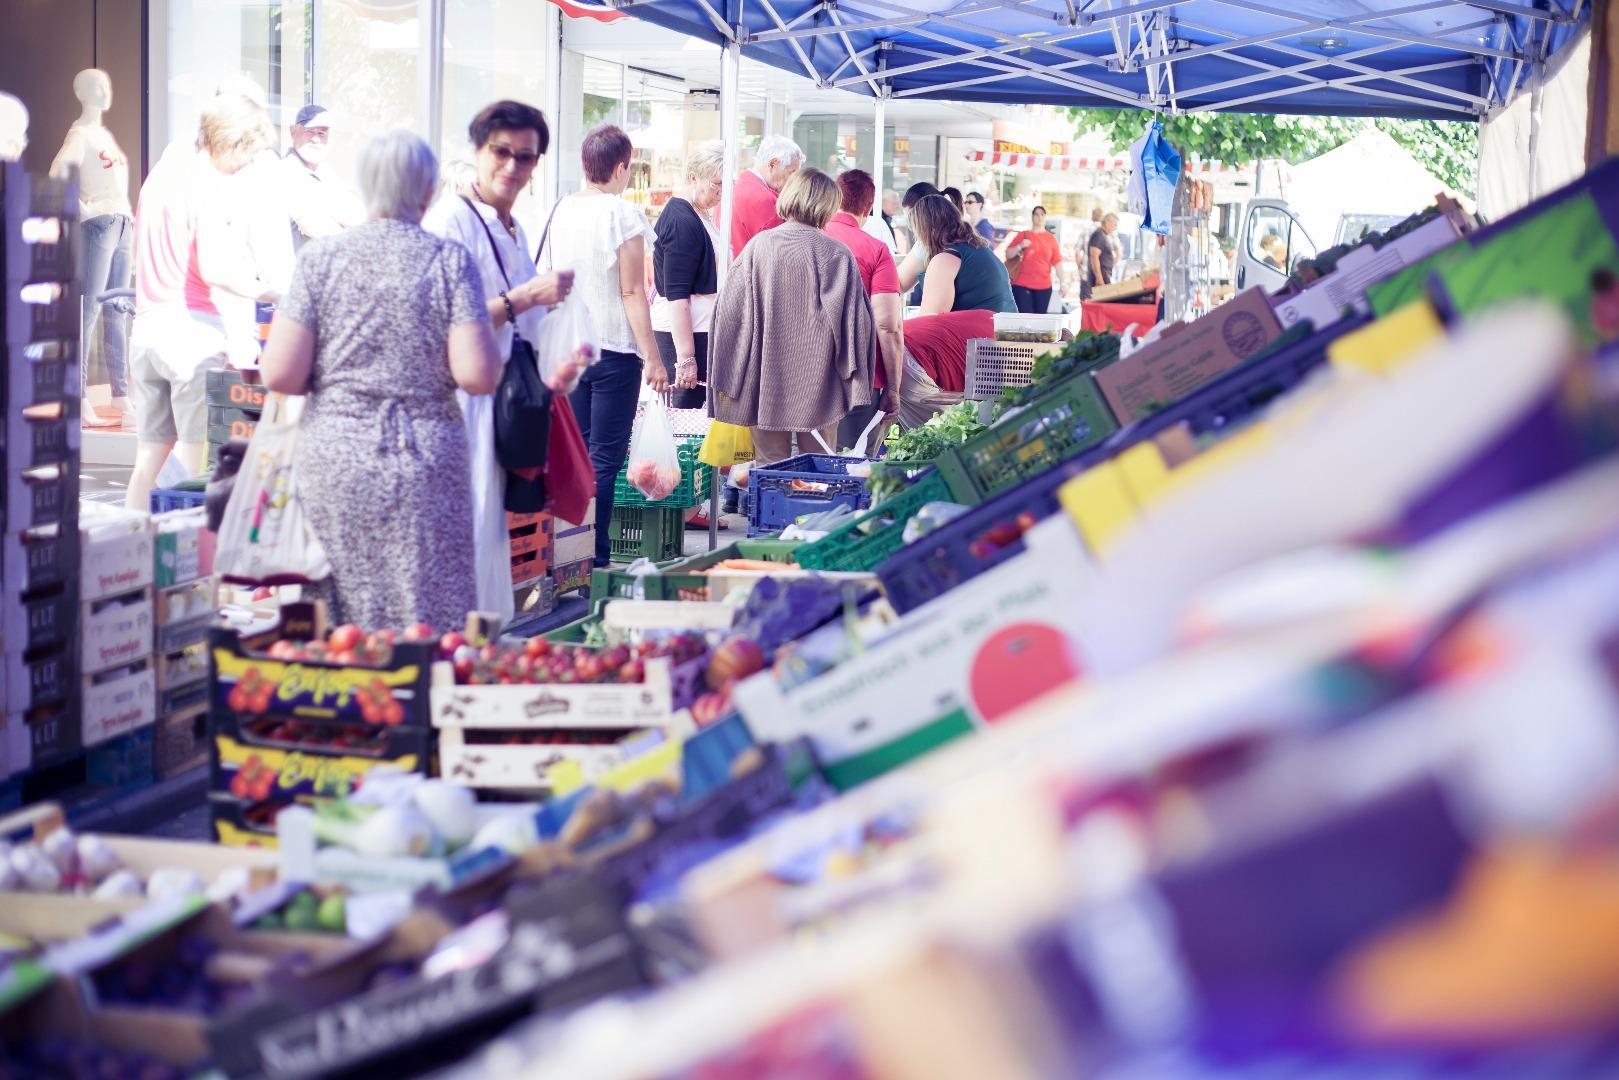 Landecker fresh market